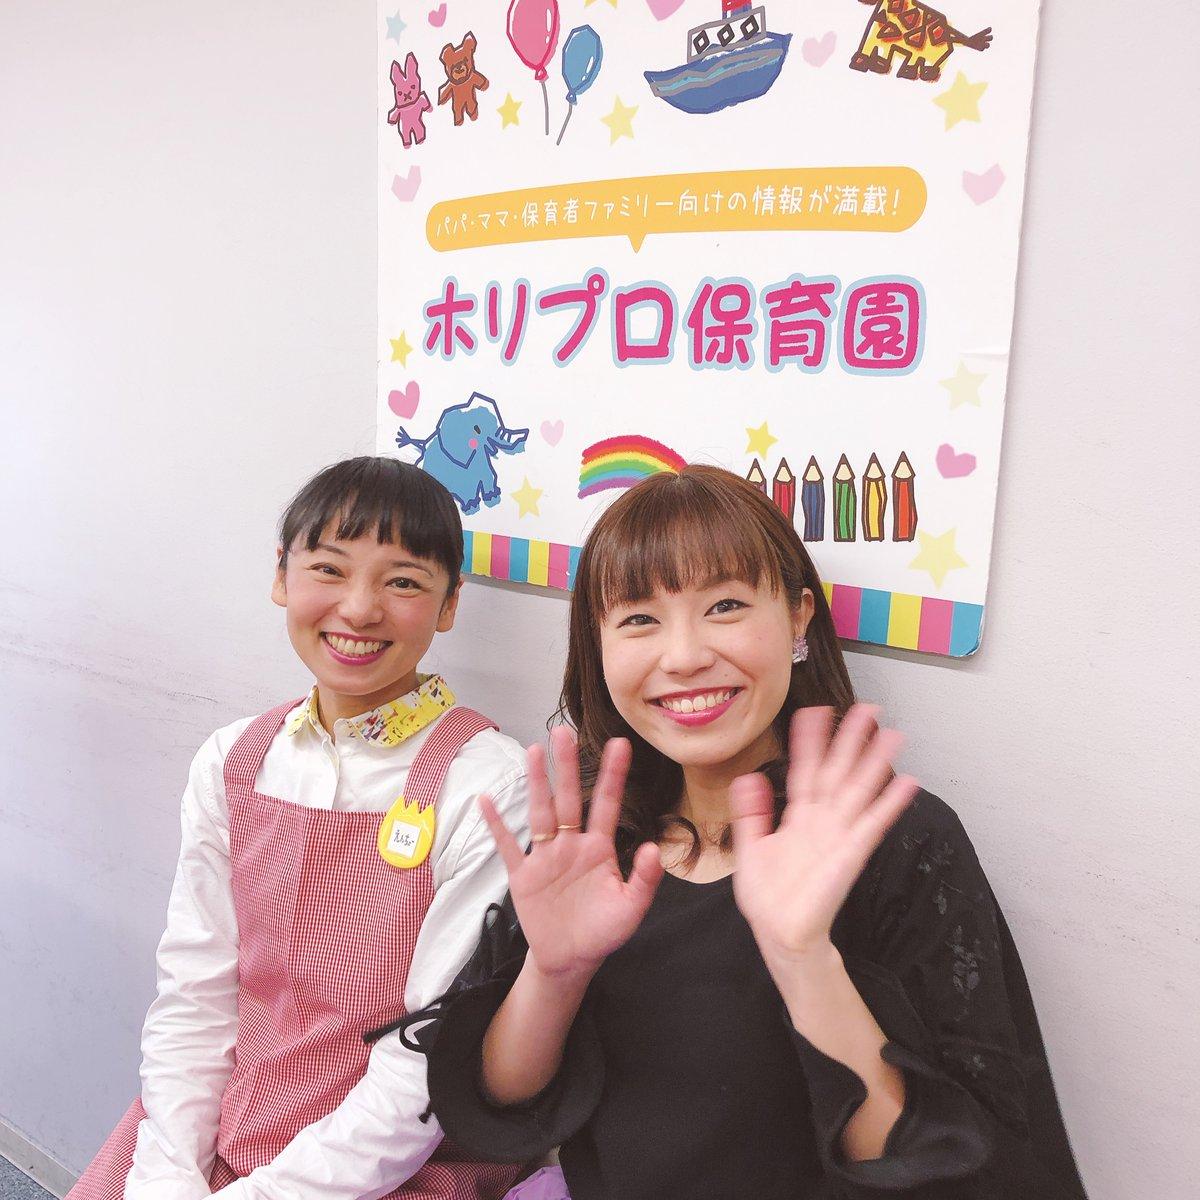 【ご卒園・ご卒業おめでとうございます】#上原りさ さんと #安田美香 えんちょー💓👀もっとたっぷりみたい方はこちら▶ 👂聞きたい方はこちら▶#ホリプロ保育園 #卒園 #卒業 #おめでとう #おかあさんといっしょ #おかいつ #入園 #入学 #りさお姉さん